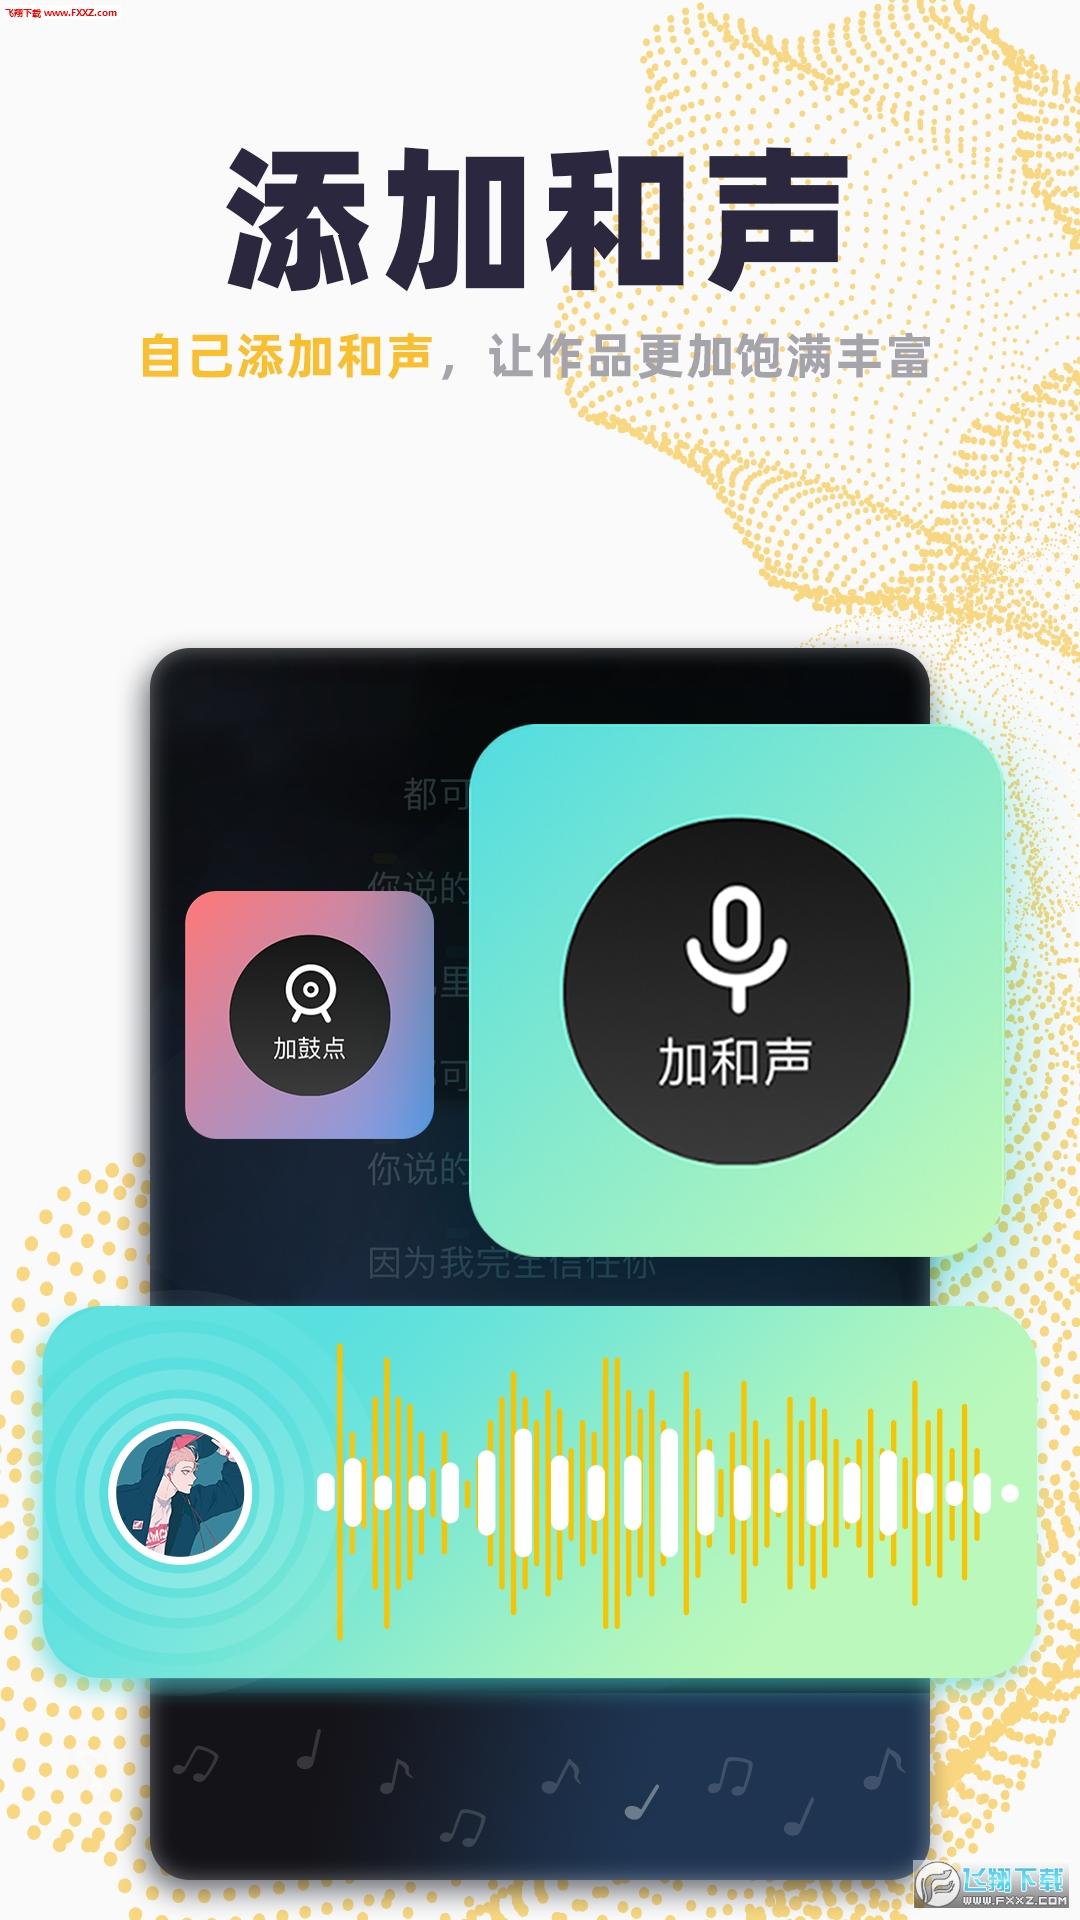 唱鸭弹唱神器app官网版1.22.4.75截图2